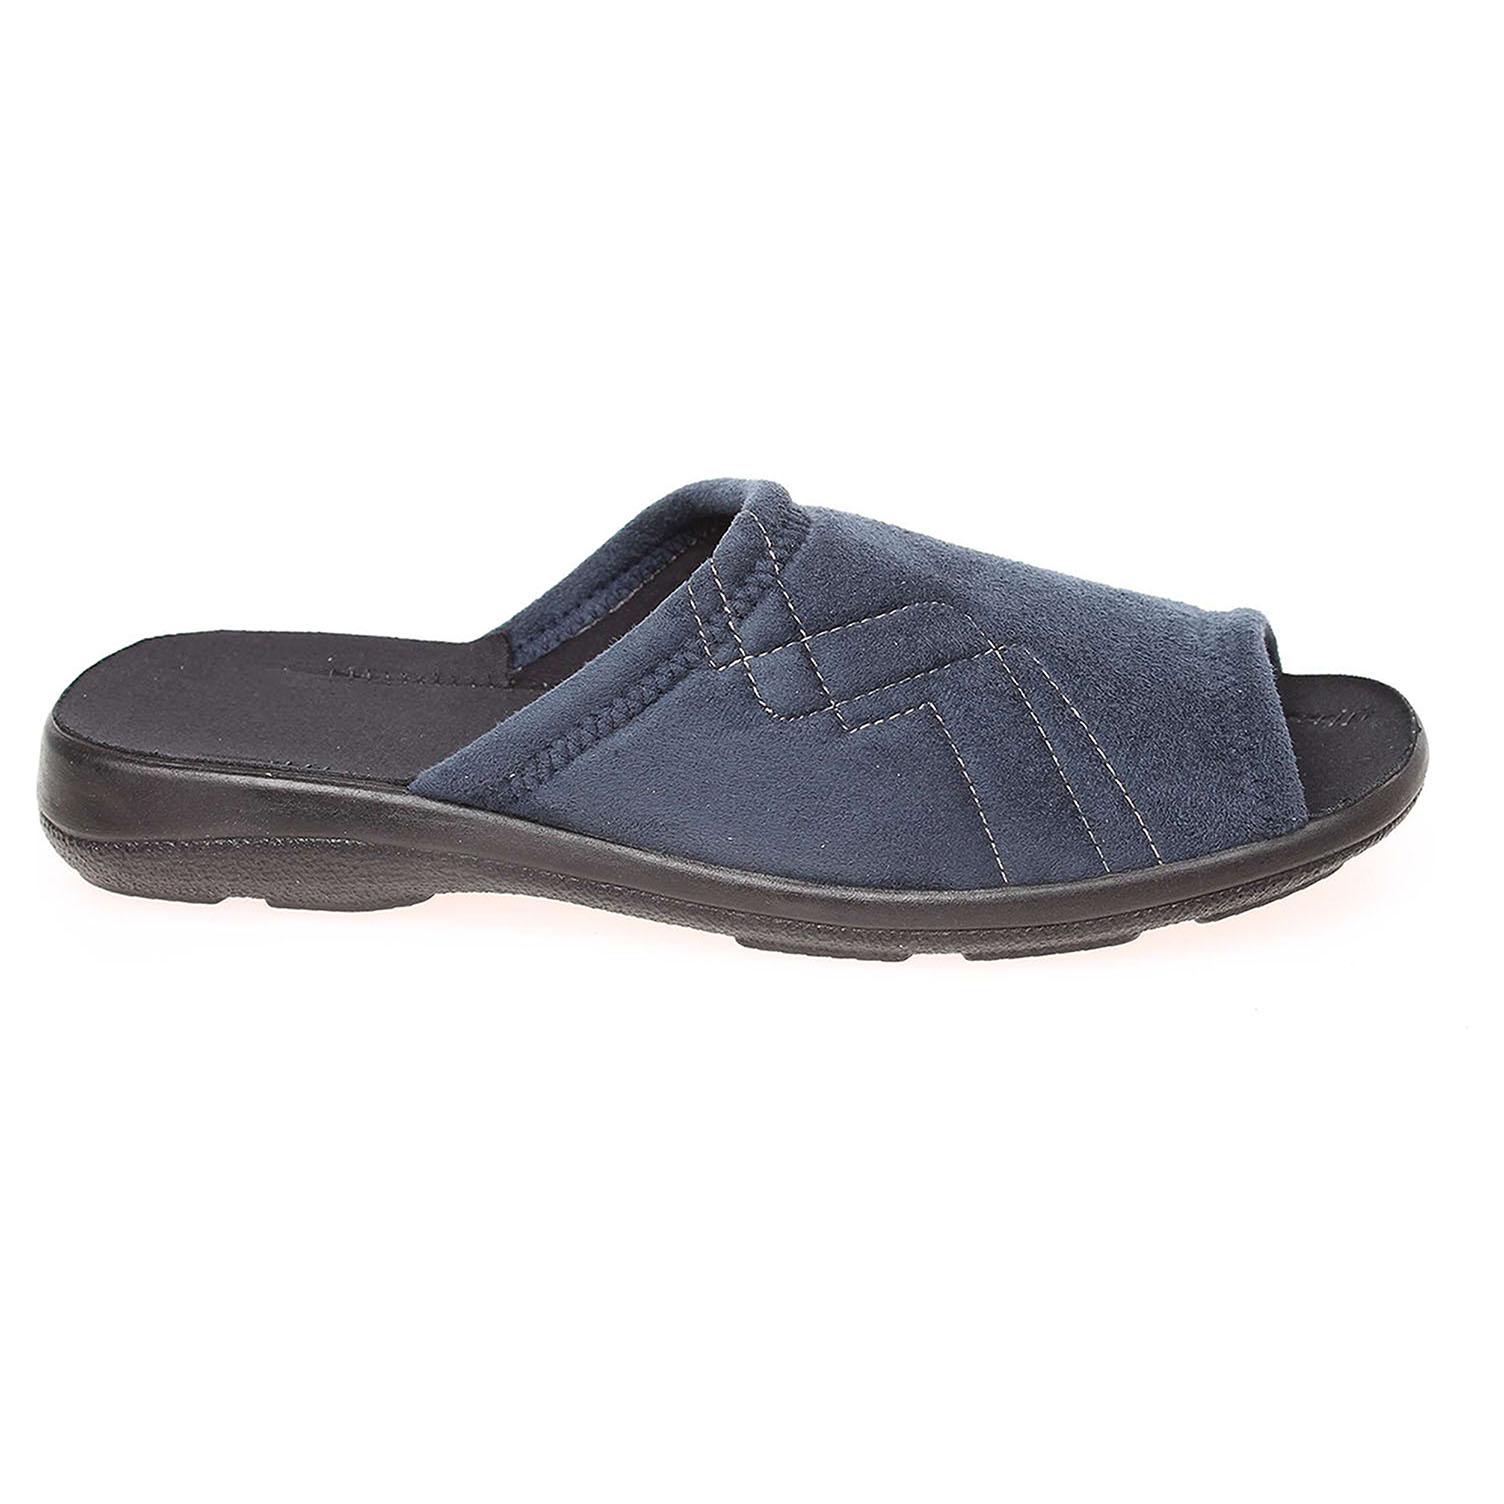 Rogallo pánské domácí pantofle 18922 modré 44